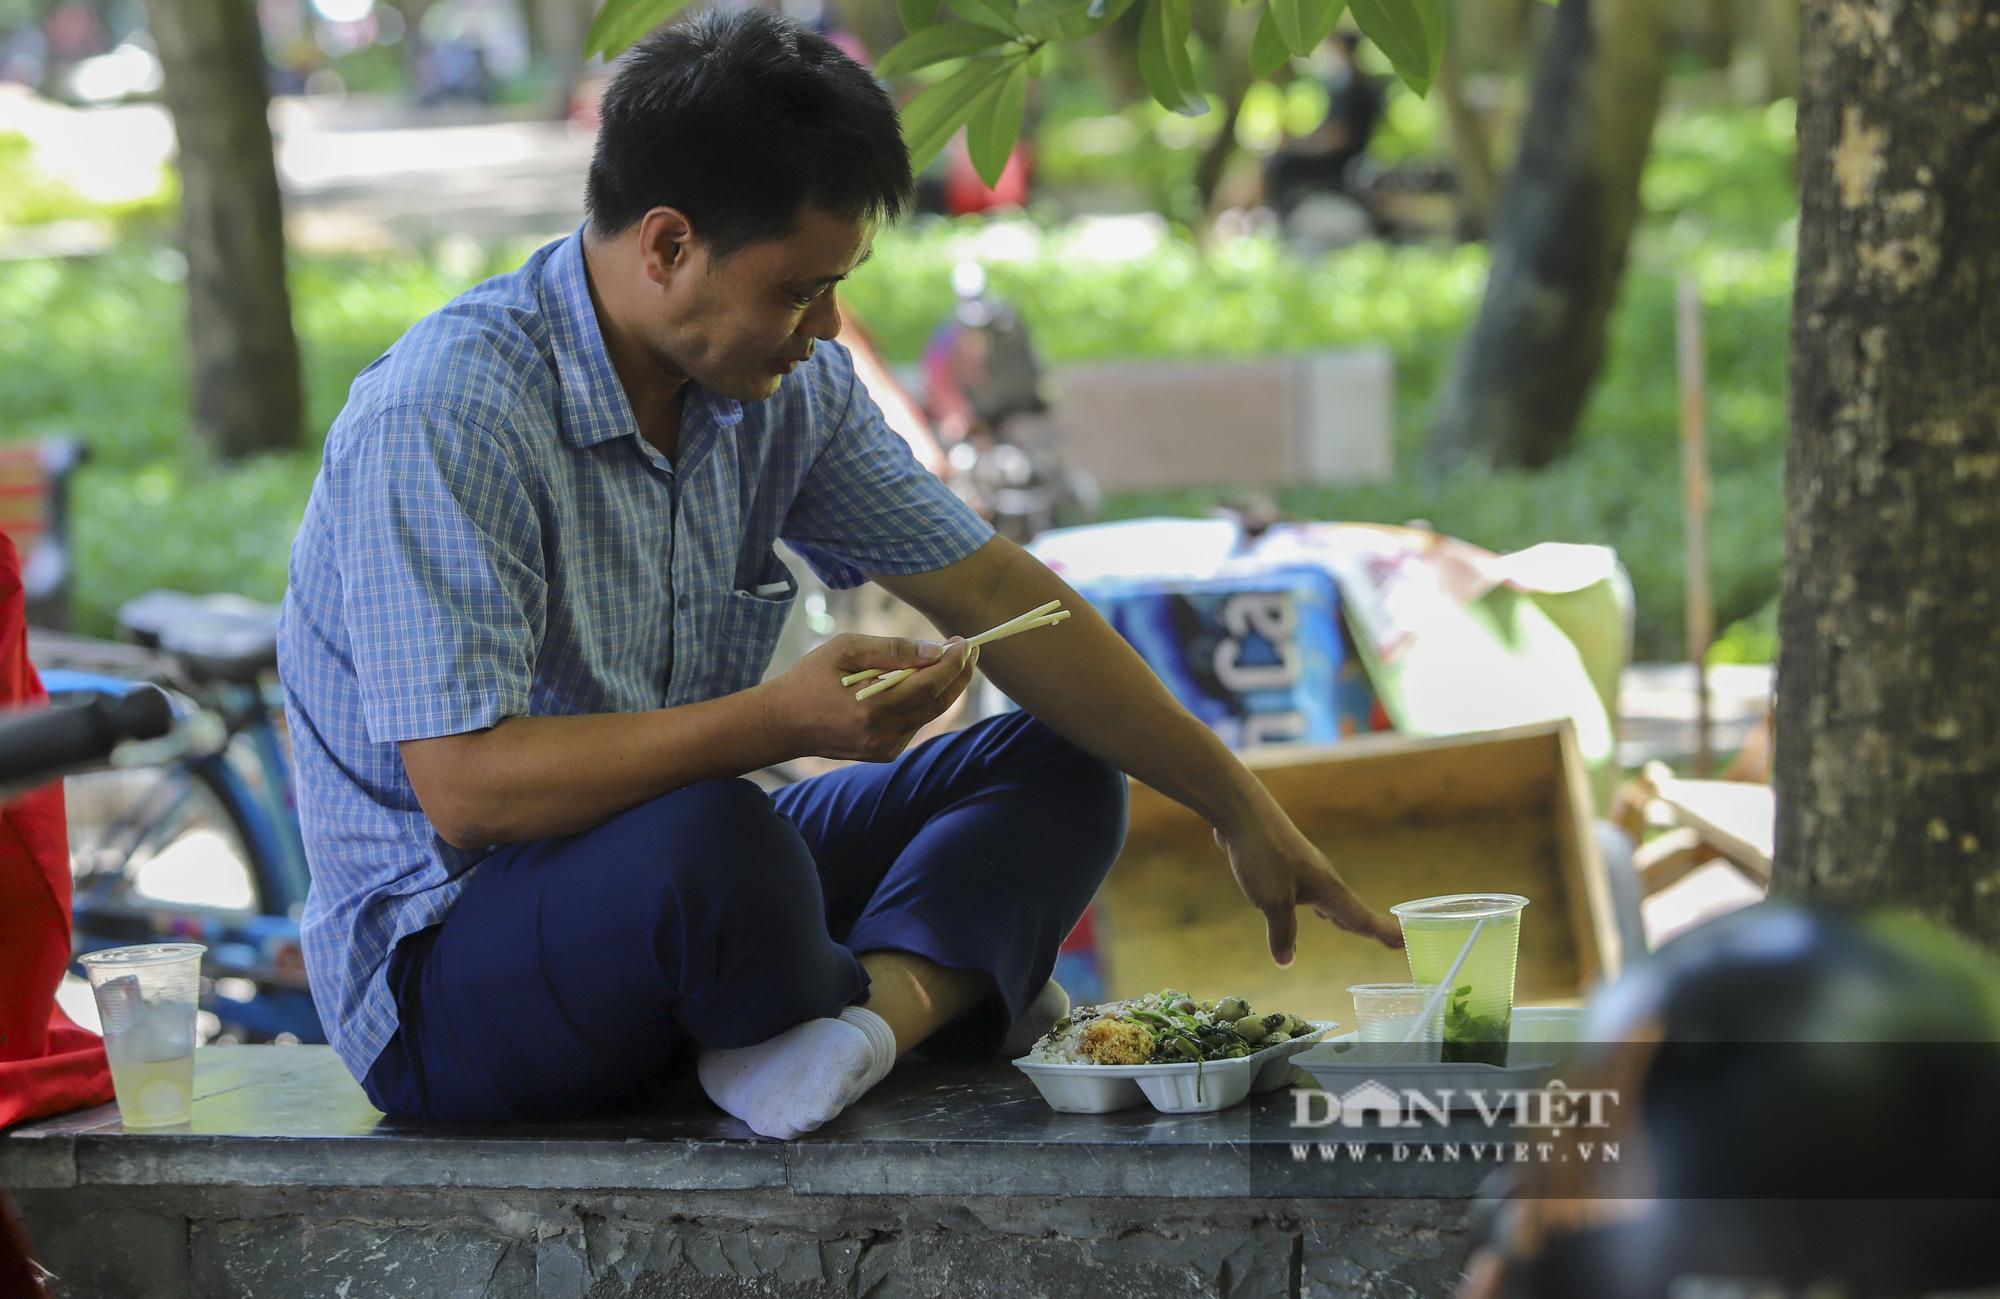 Dịch Covid-19: Nắng nóng, người dân mang cơm ra công viên, gầm cầu để ăn - Ảnh 7.